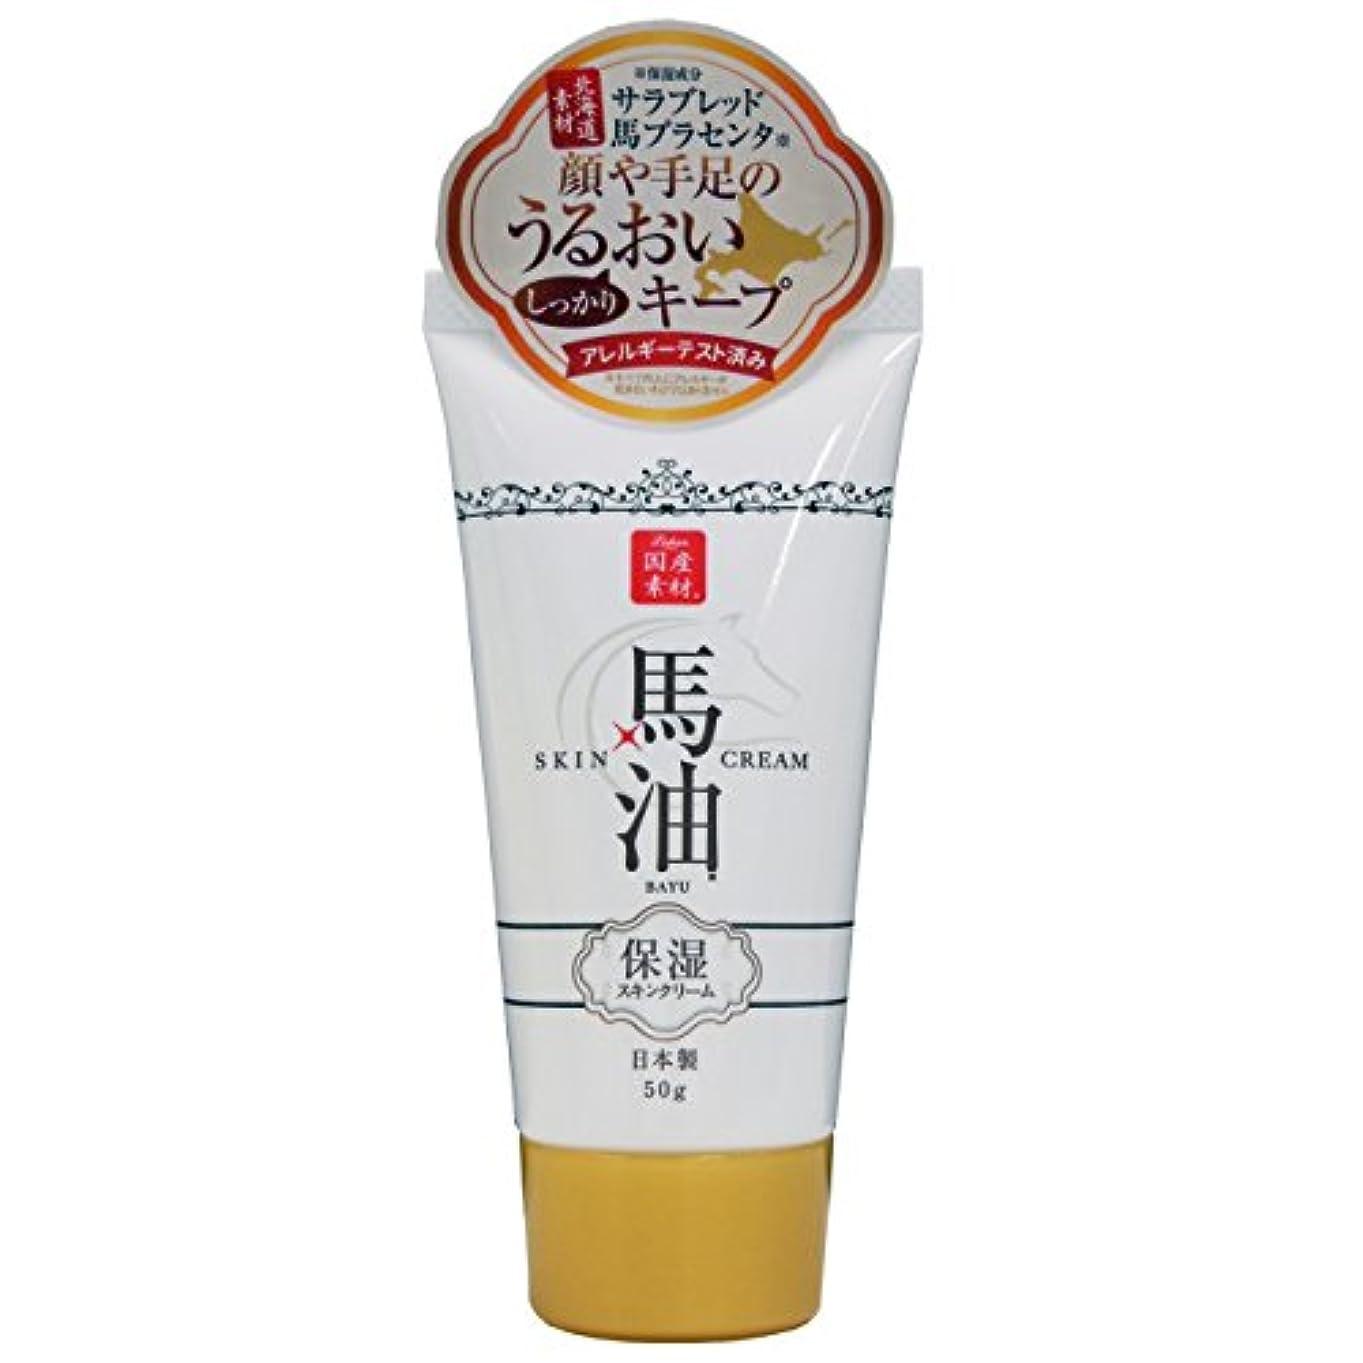 アカデミック養うインテリアリシャン 馬油スキンクリーム ミニ (さくらの香り) 50g